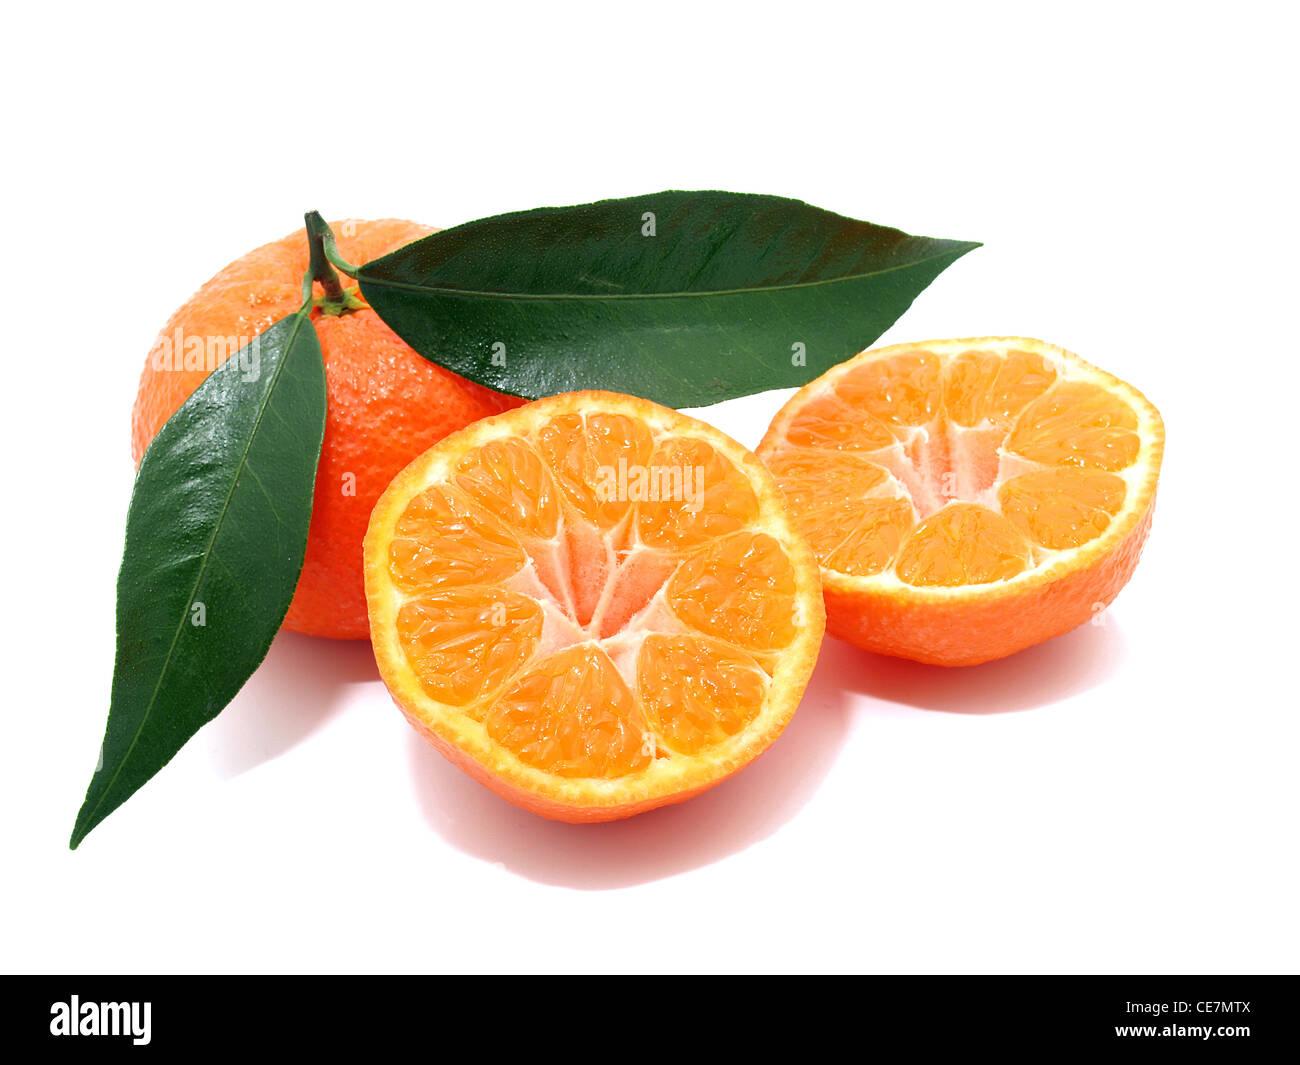 Mandarin isolated on a white background - Stock Image